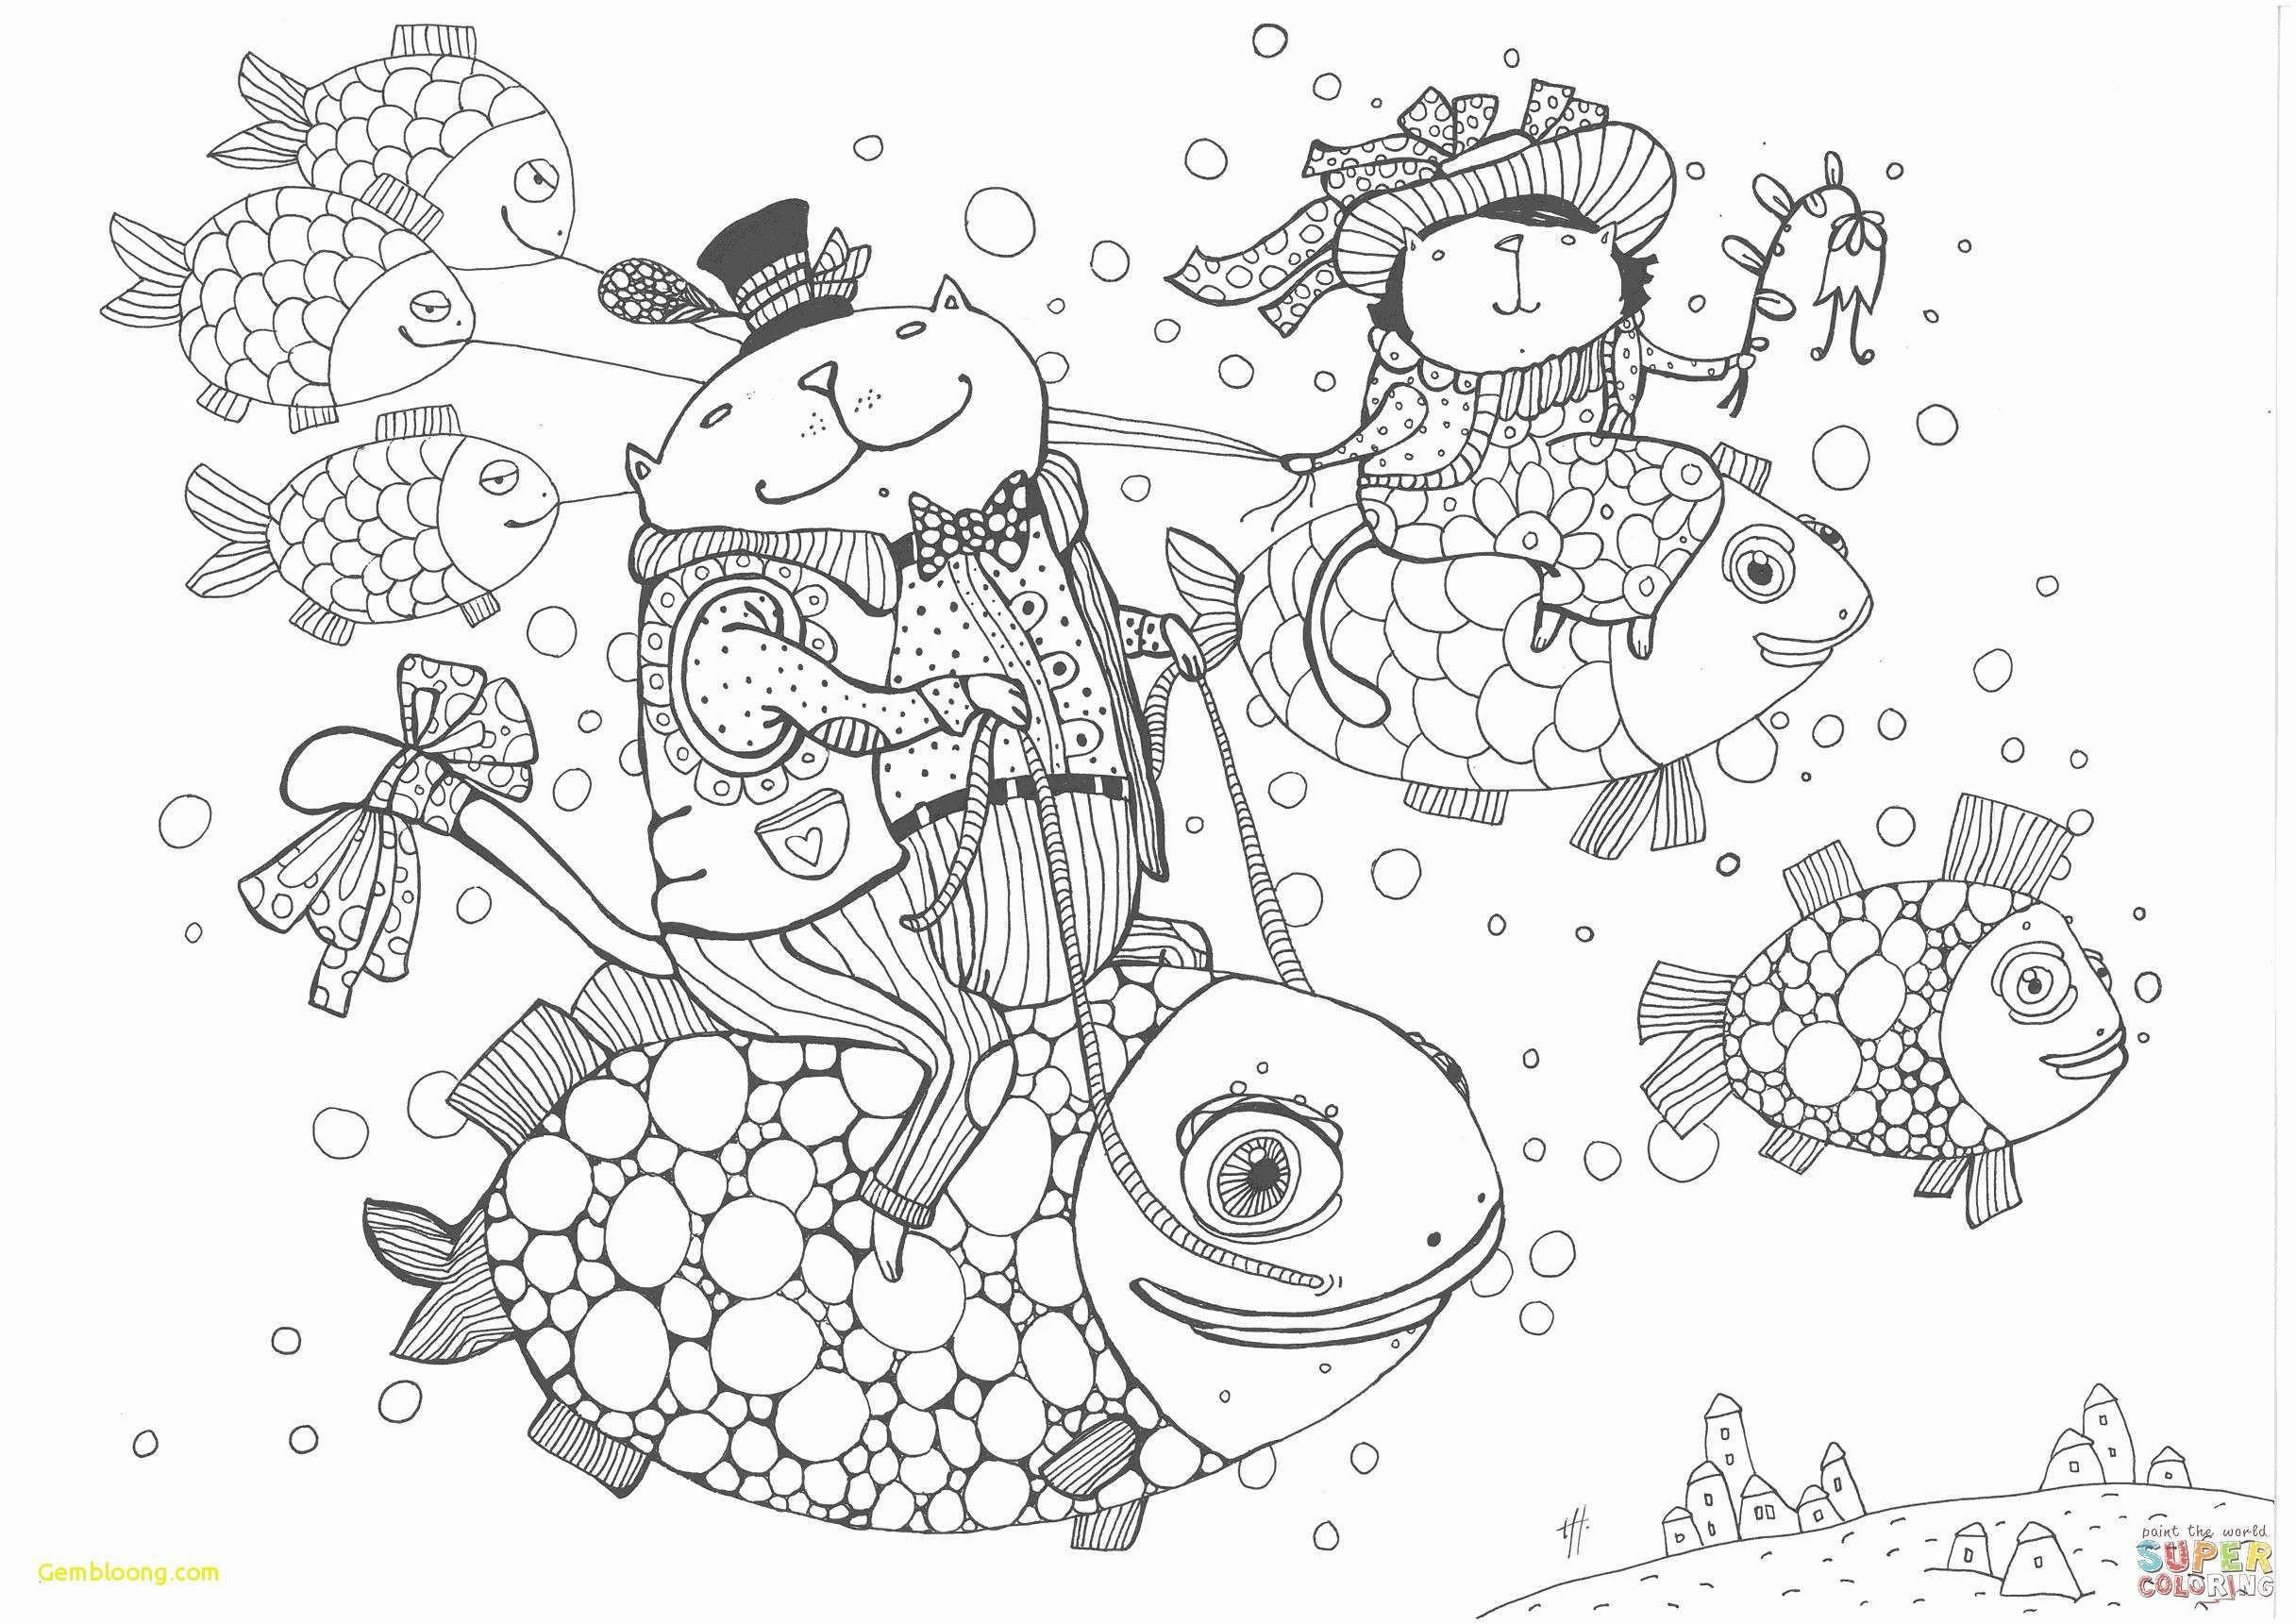 Anime Girl Ausmalbilder Das Beste Von Elsa Christmas Coloring Pages Printable Malvorlagen Schön Stock